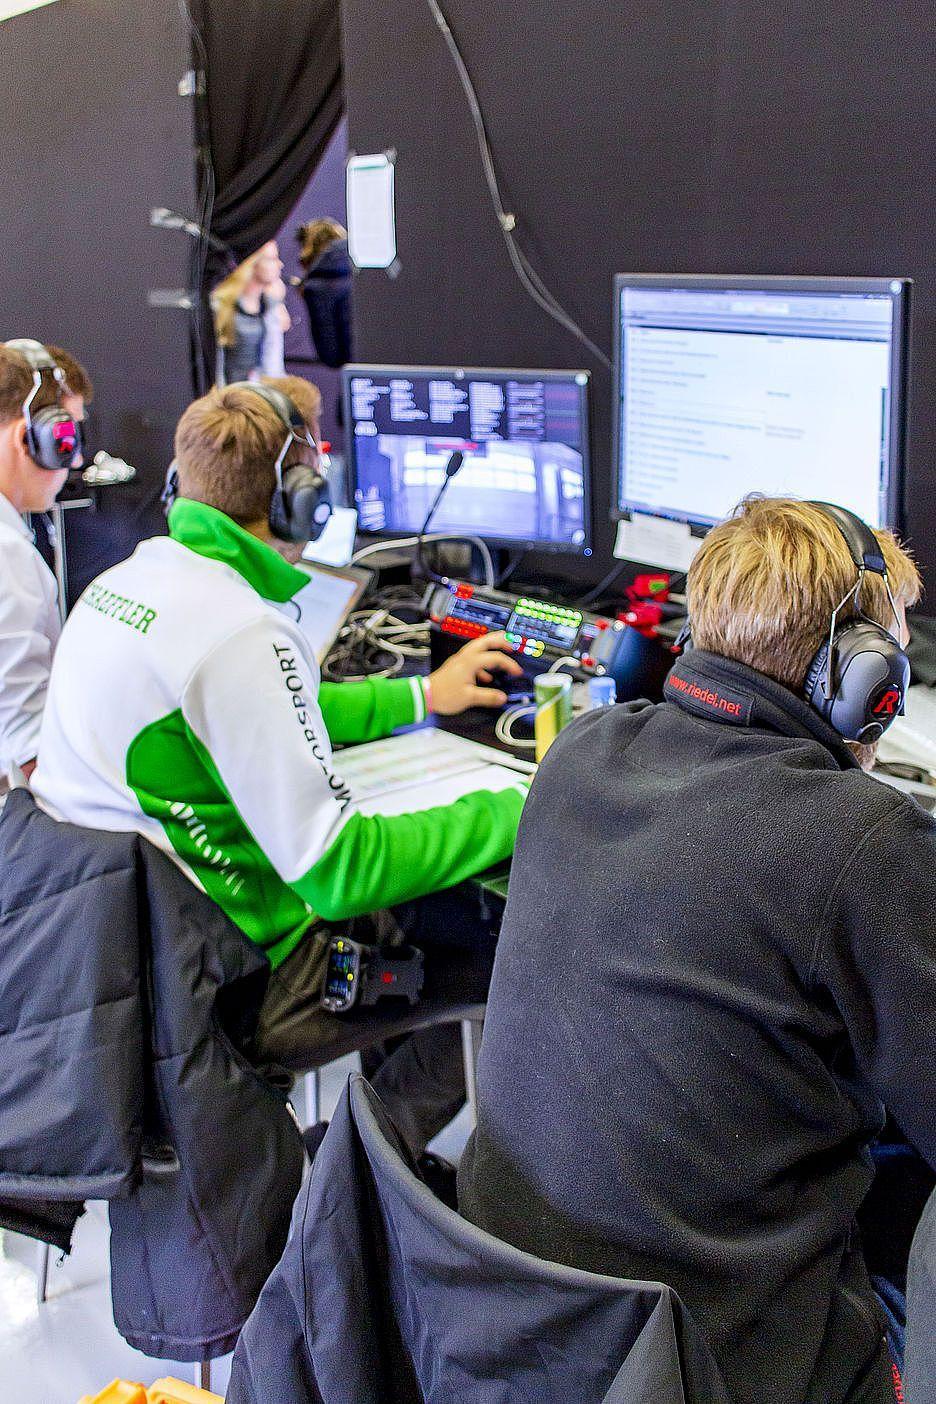 DTM, Schaeffler und Riedel zeigen die Zukunft des Rennsports mit einem remote gesteuerten E-Rennwagen